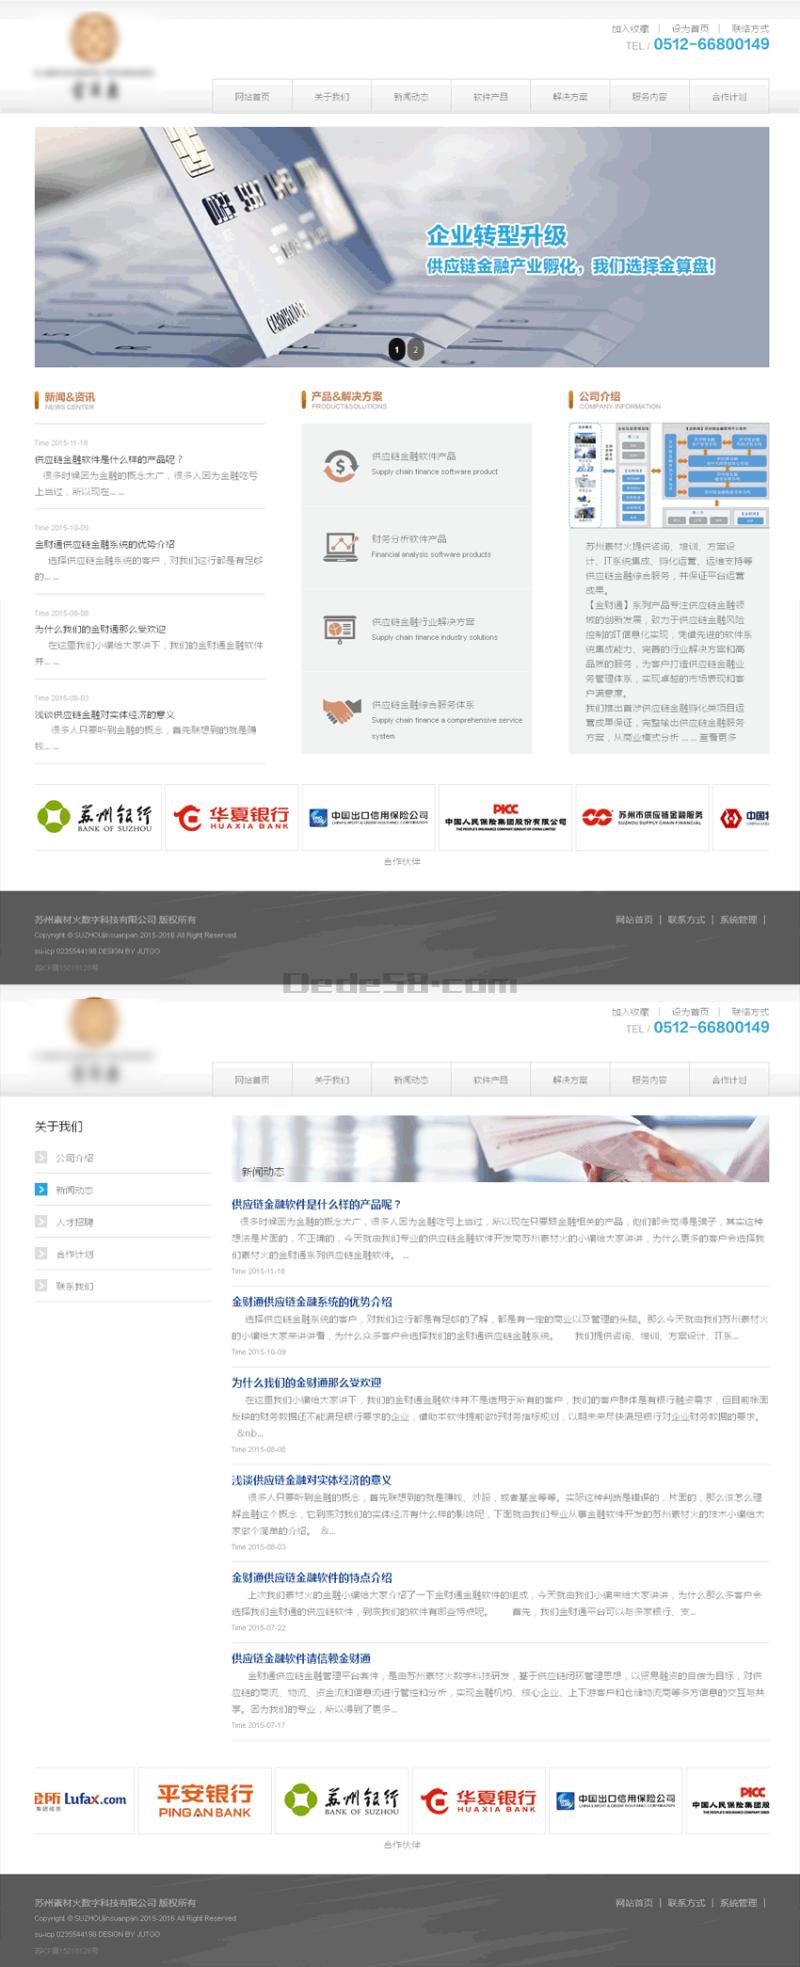 简单金融服务公司html整站模板